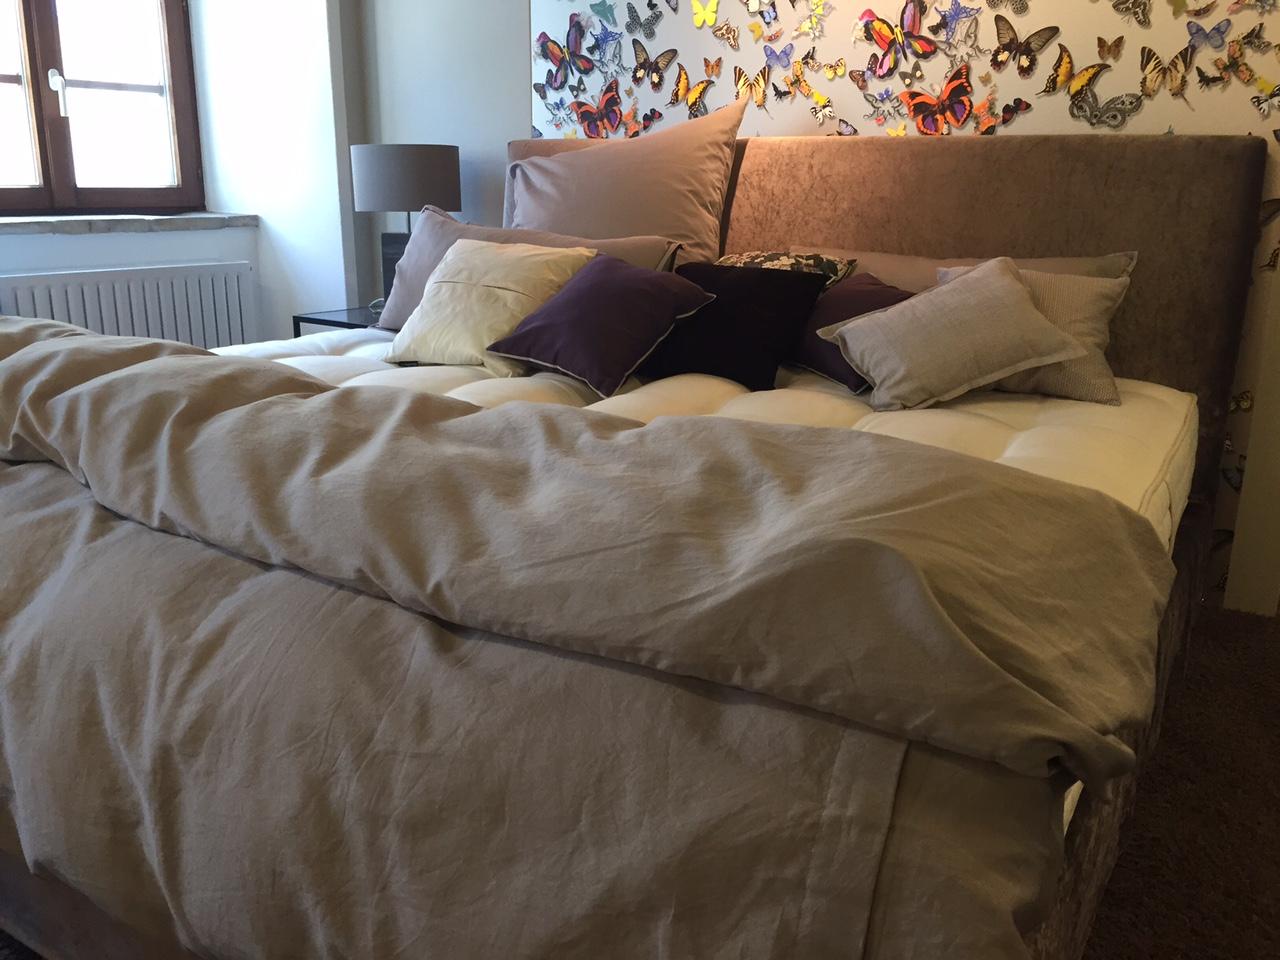 gute gr nde f r ein schramm bett betten klobeck. Black Bedroom Furniture Sets. Home Design Ideas